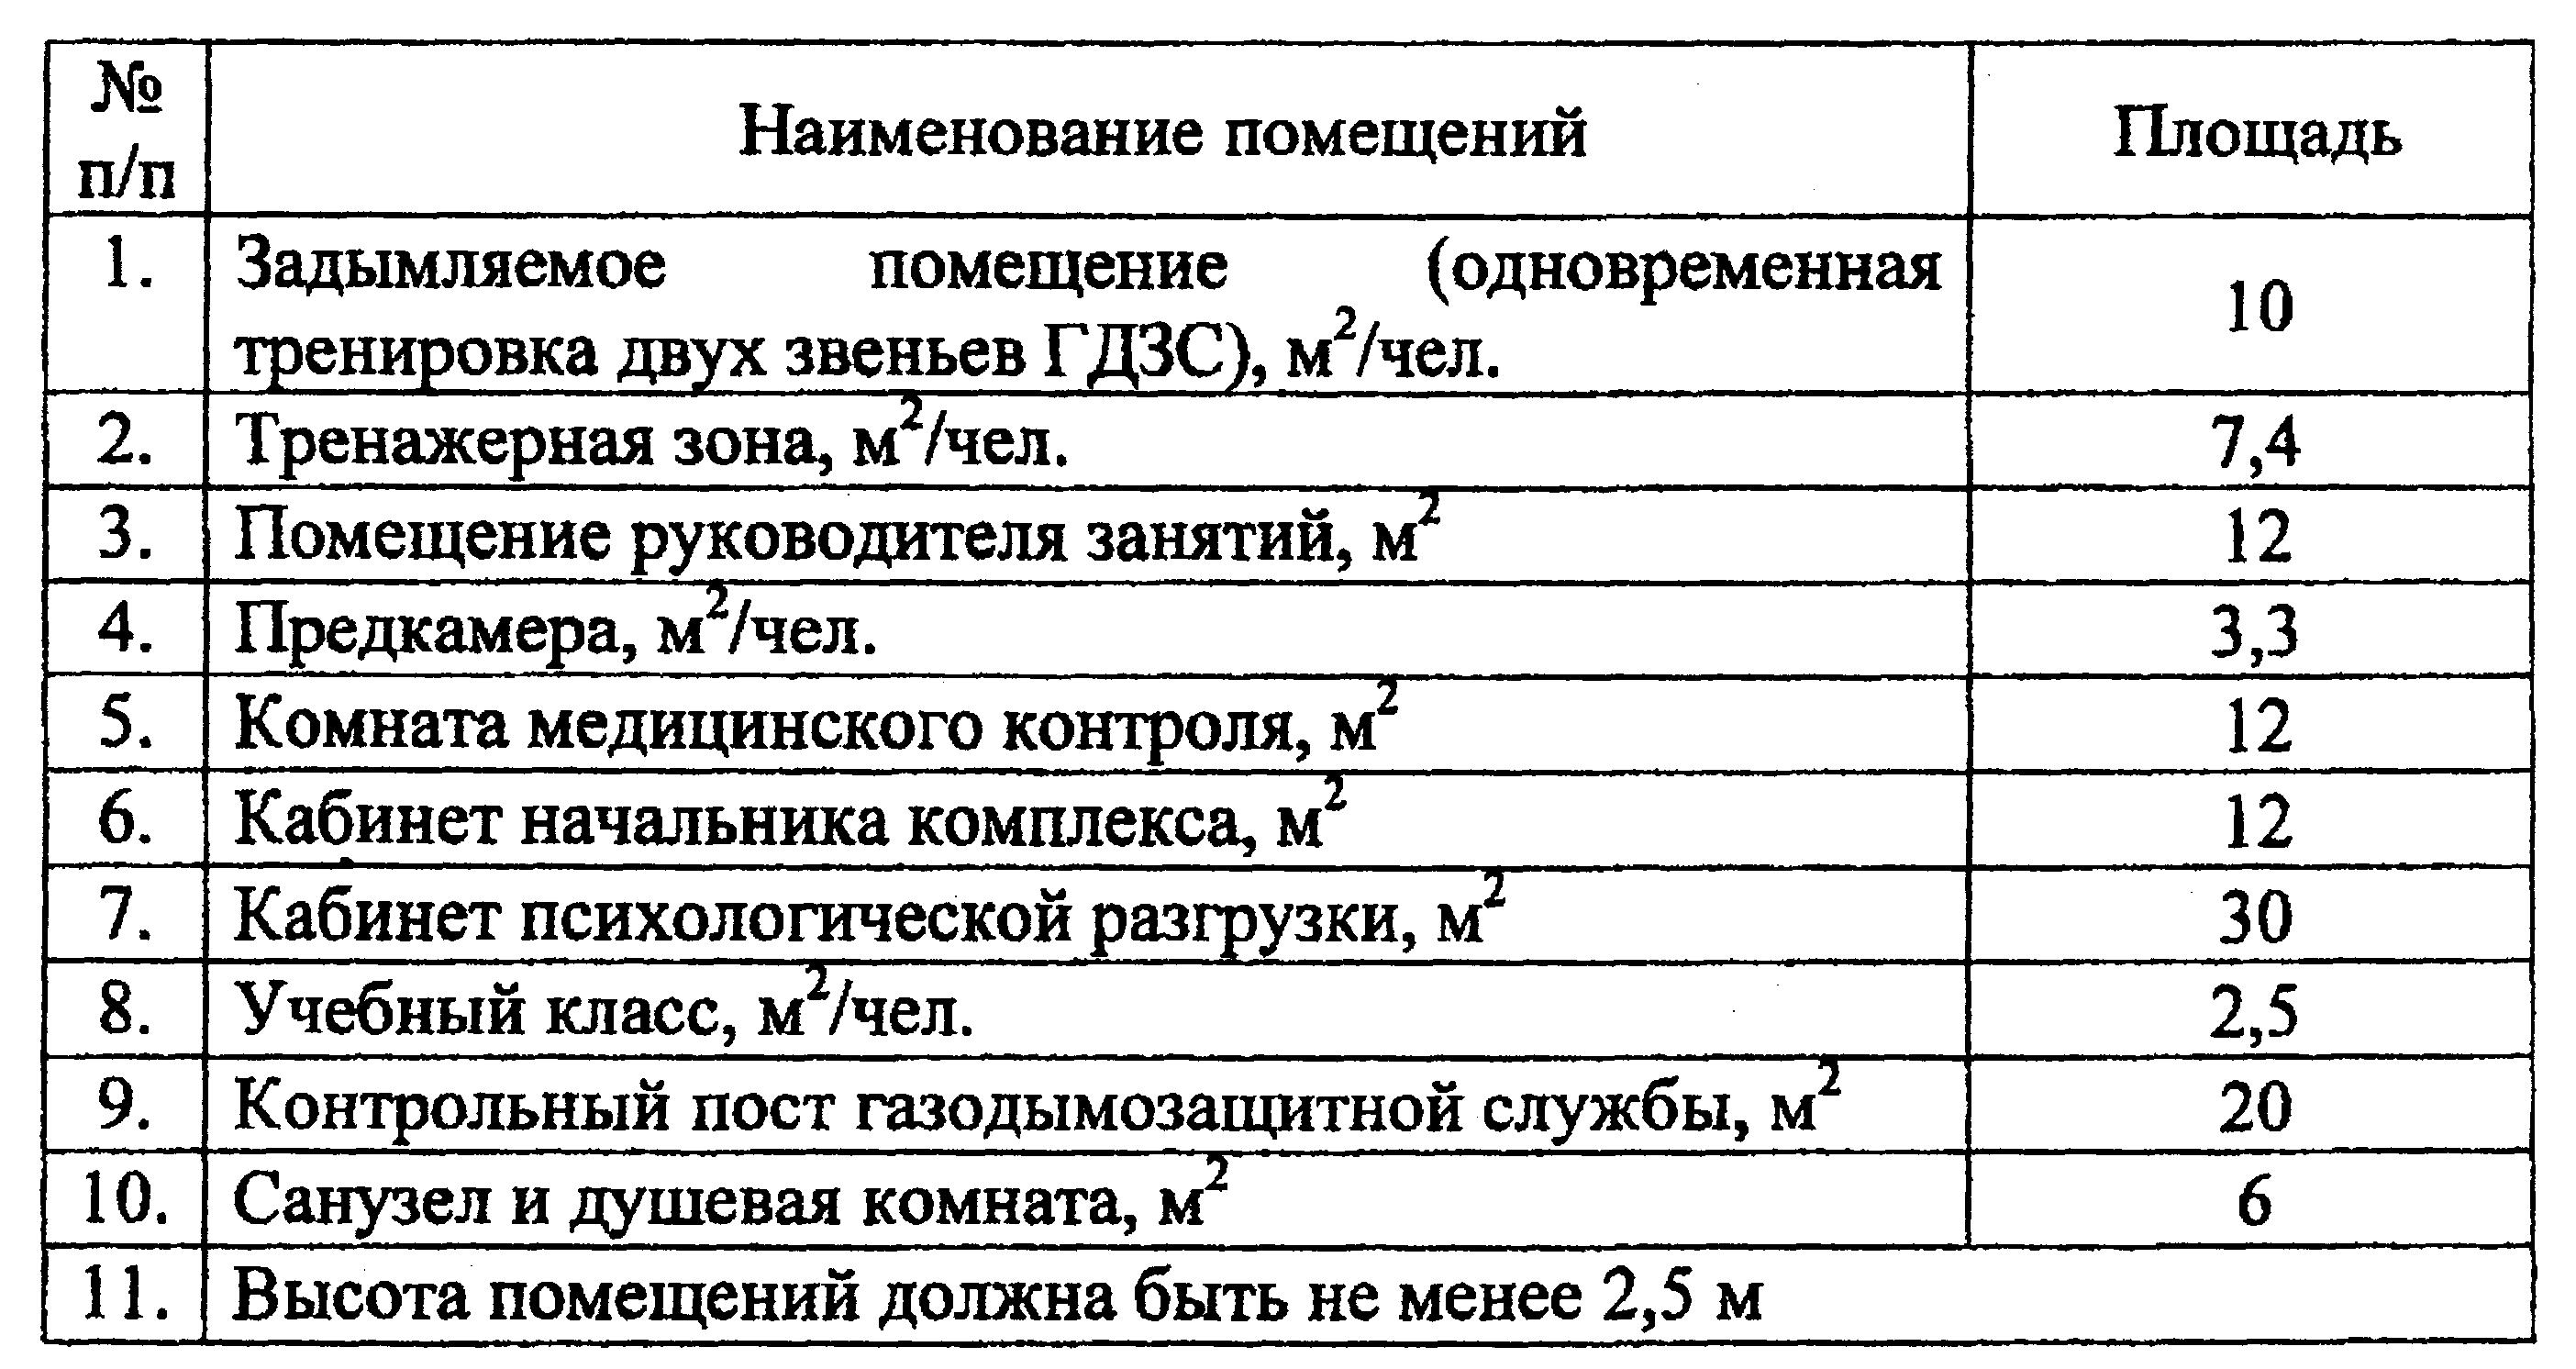 Нормативные документынаставление по гдзс № 234